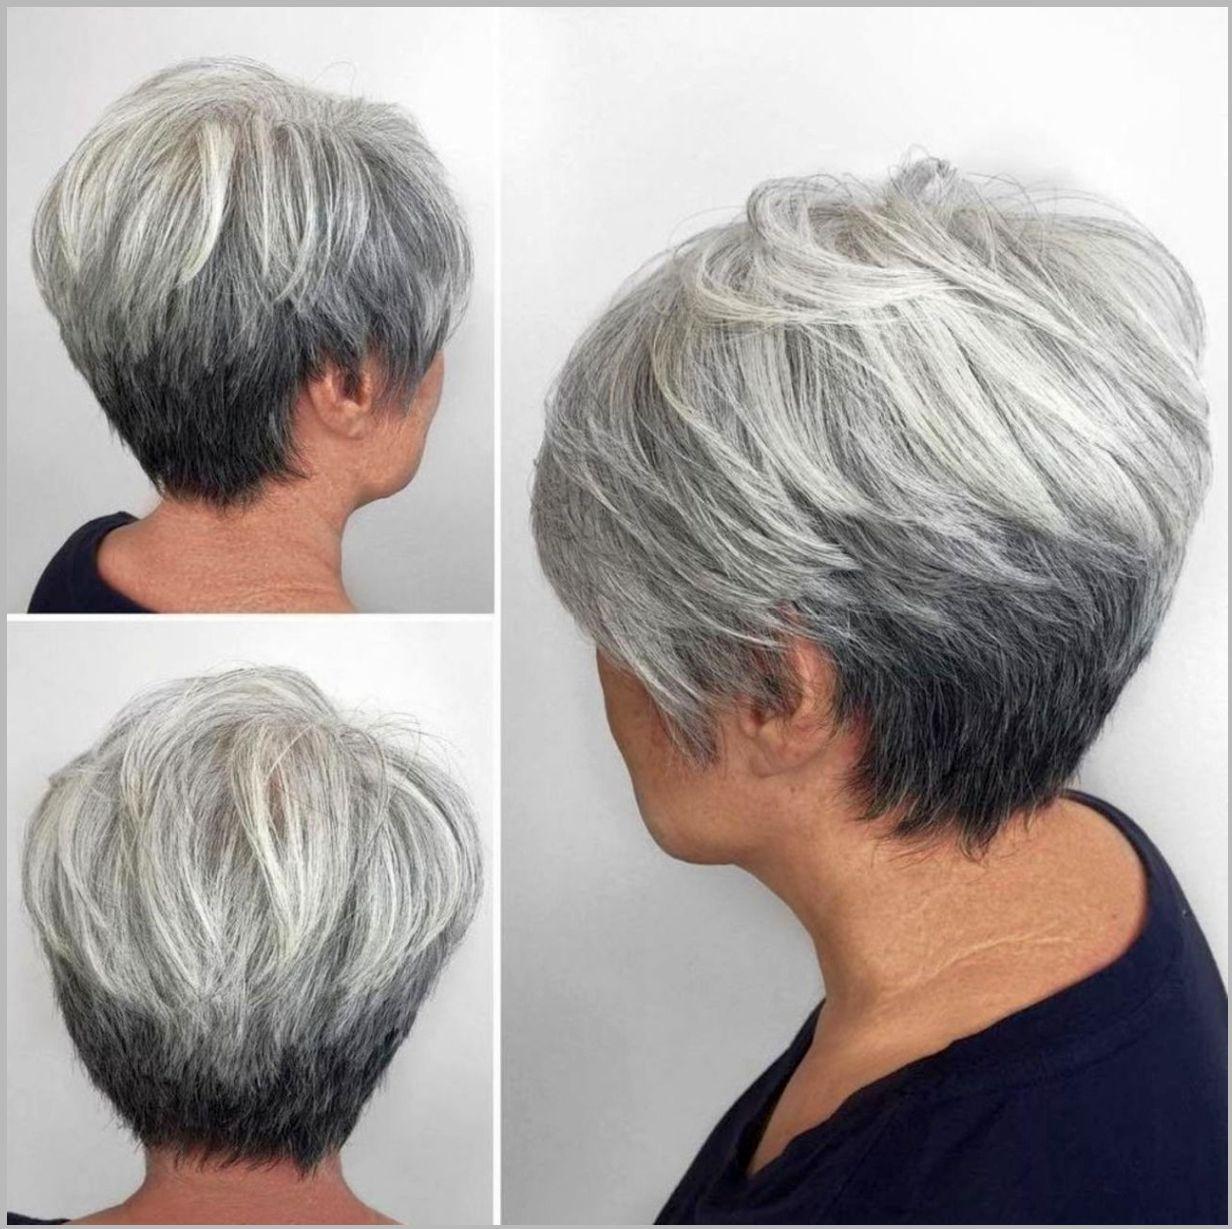 +20 belles idées de coiffure femme 50 ans cheveux court - LiloBijoux - Bijoux Fantasie tendances ...